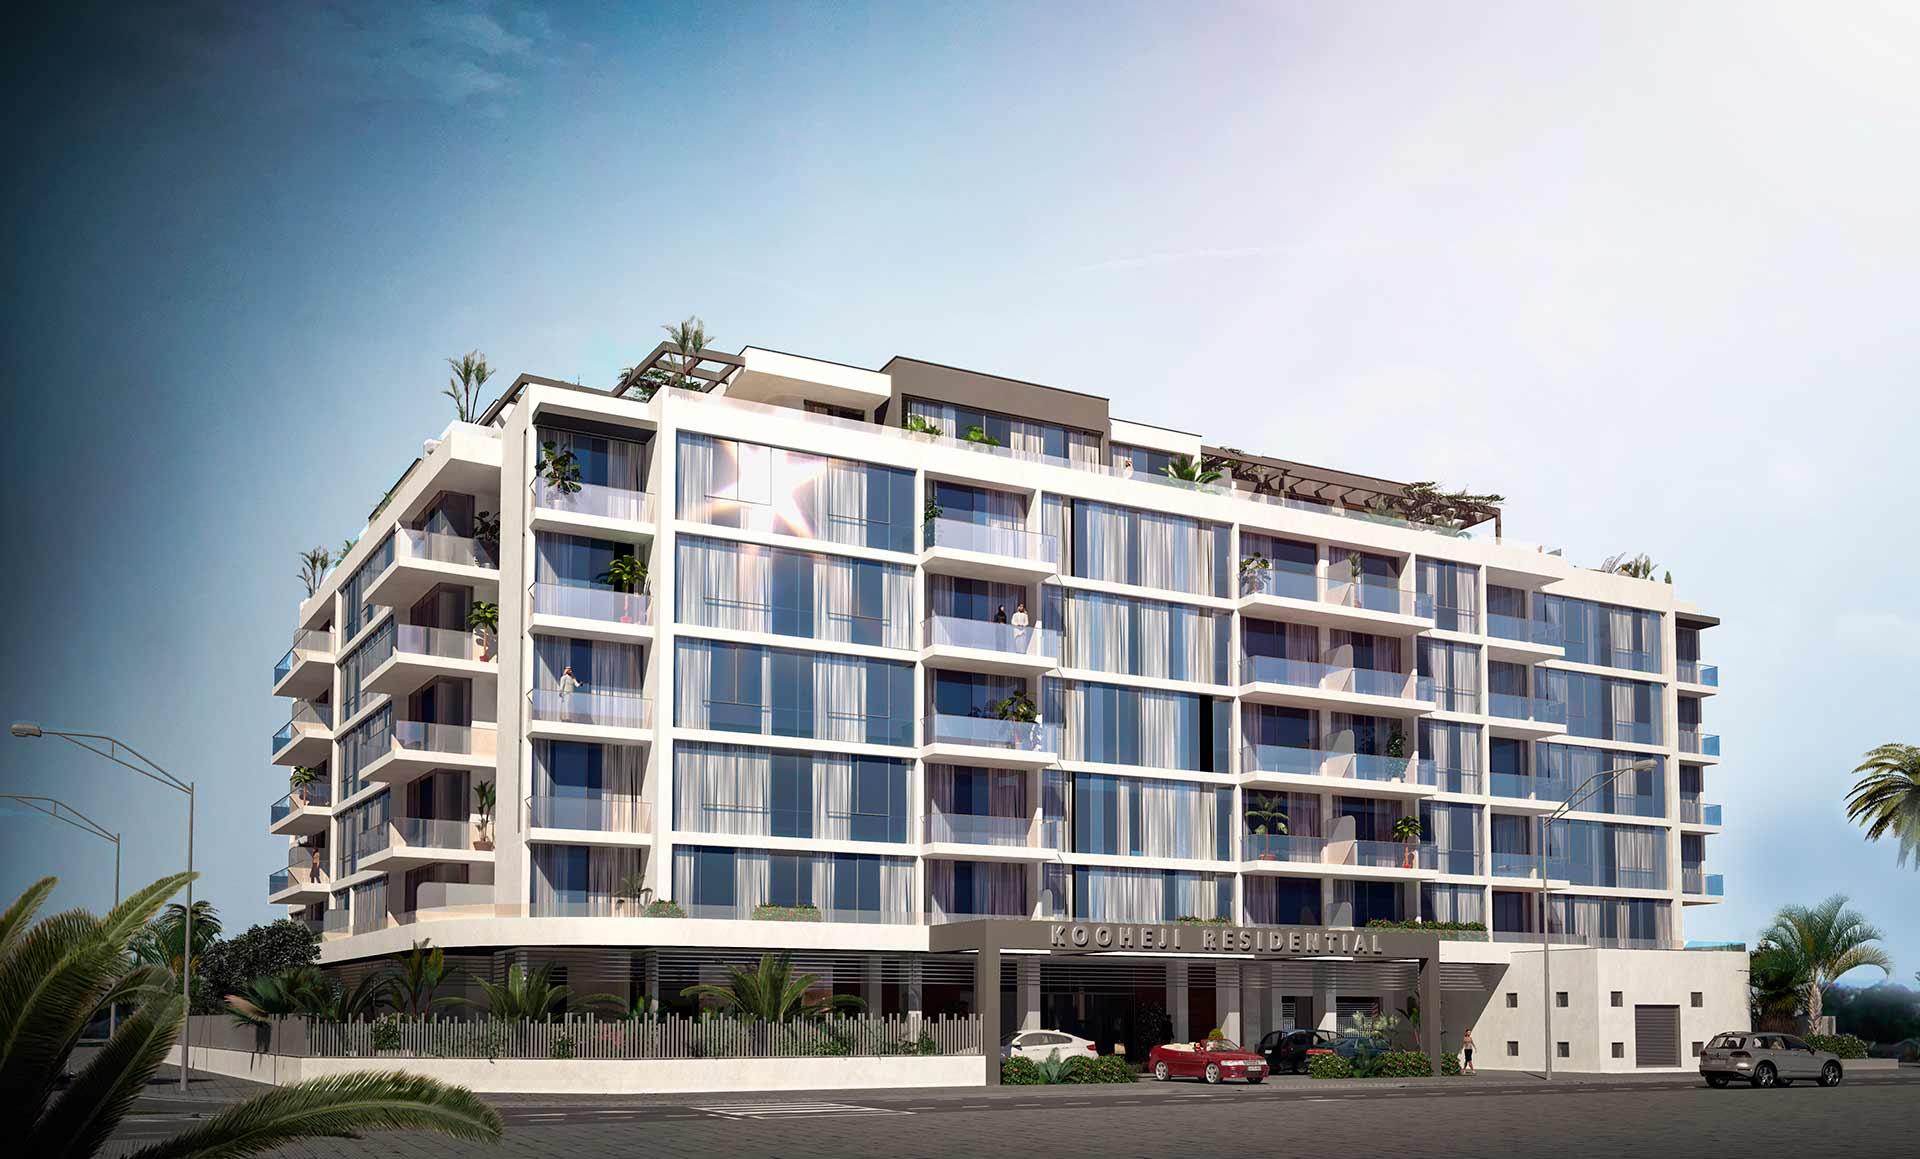 kooheji-residential (1)